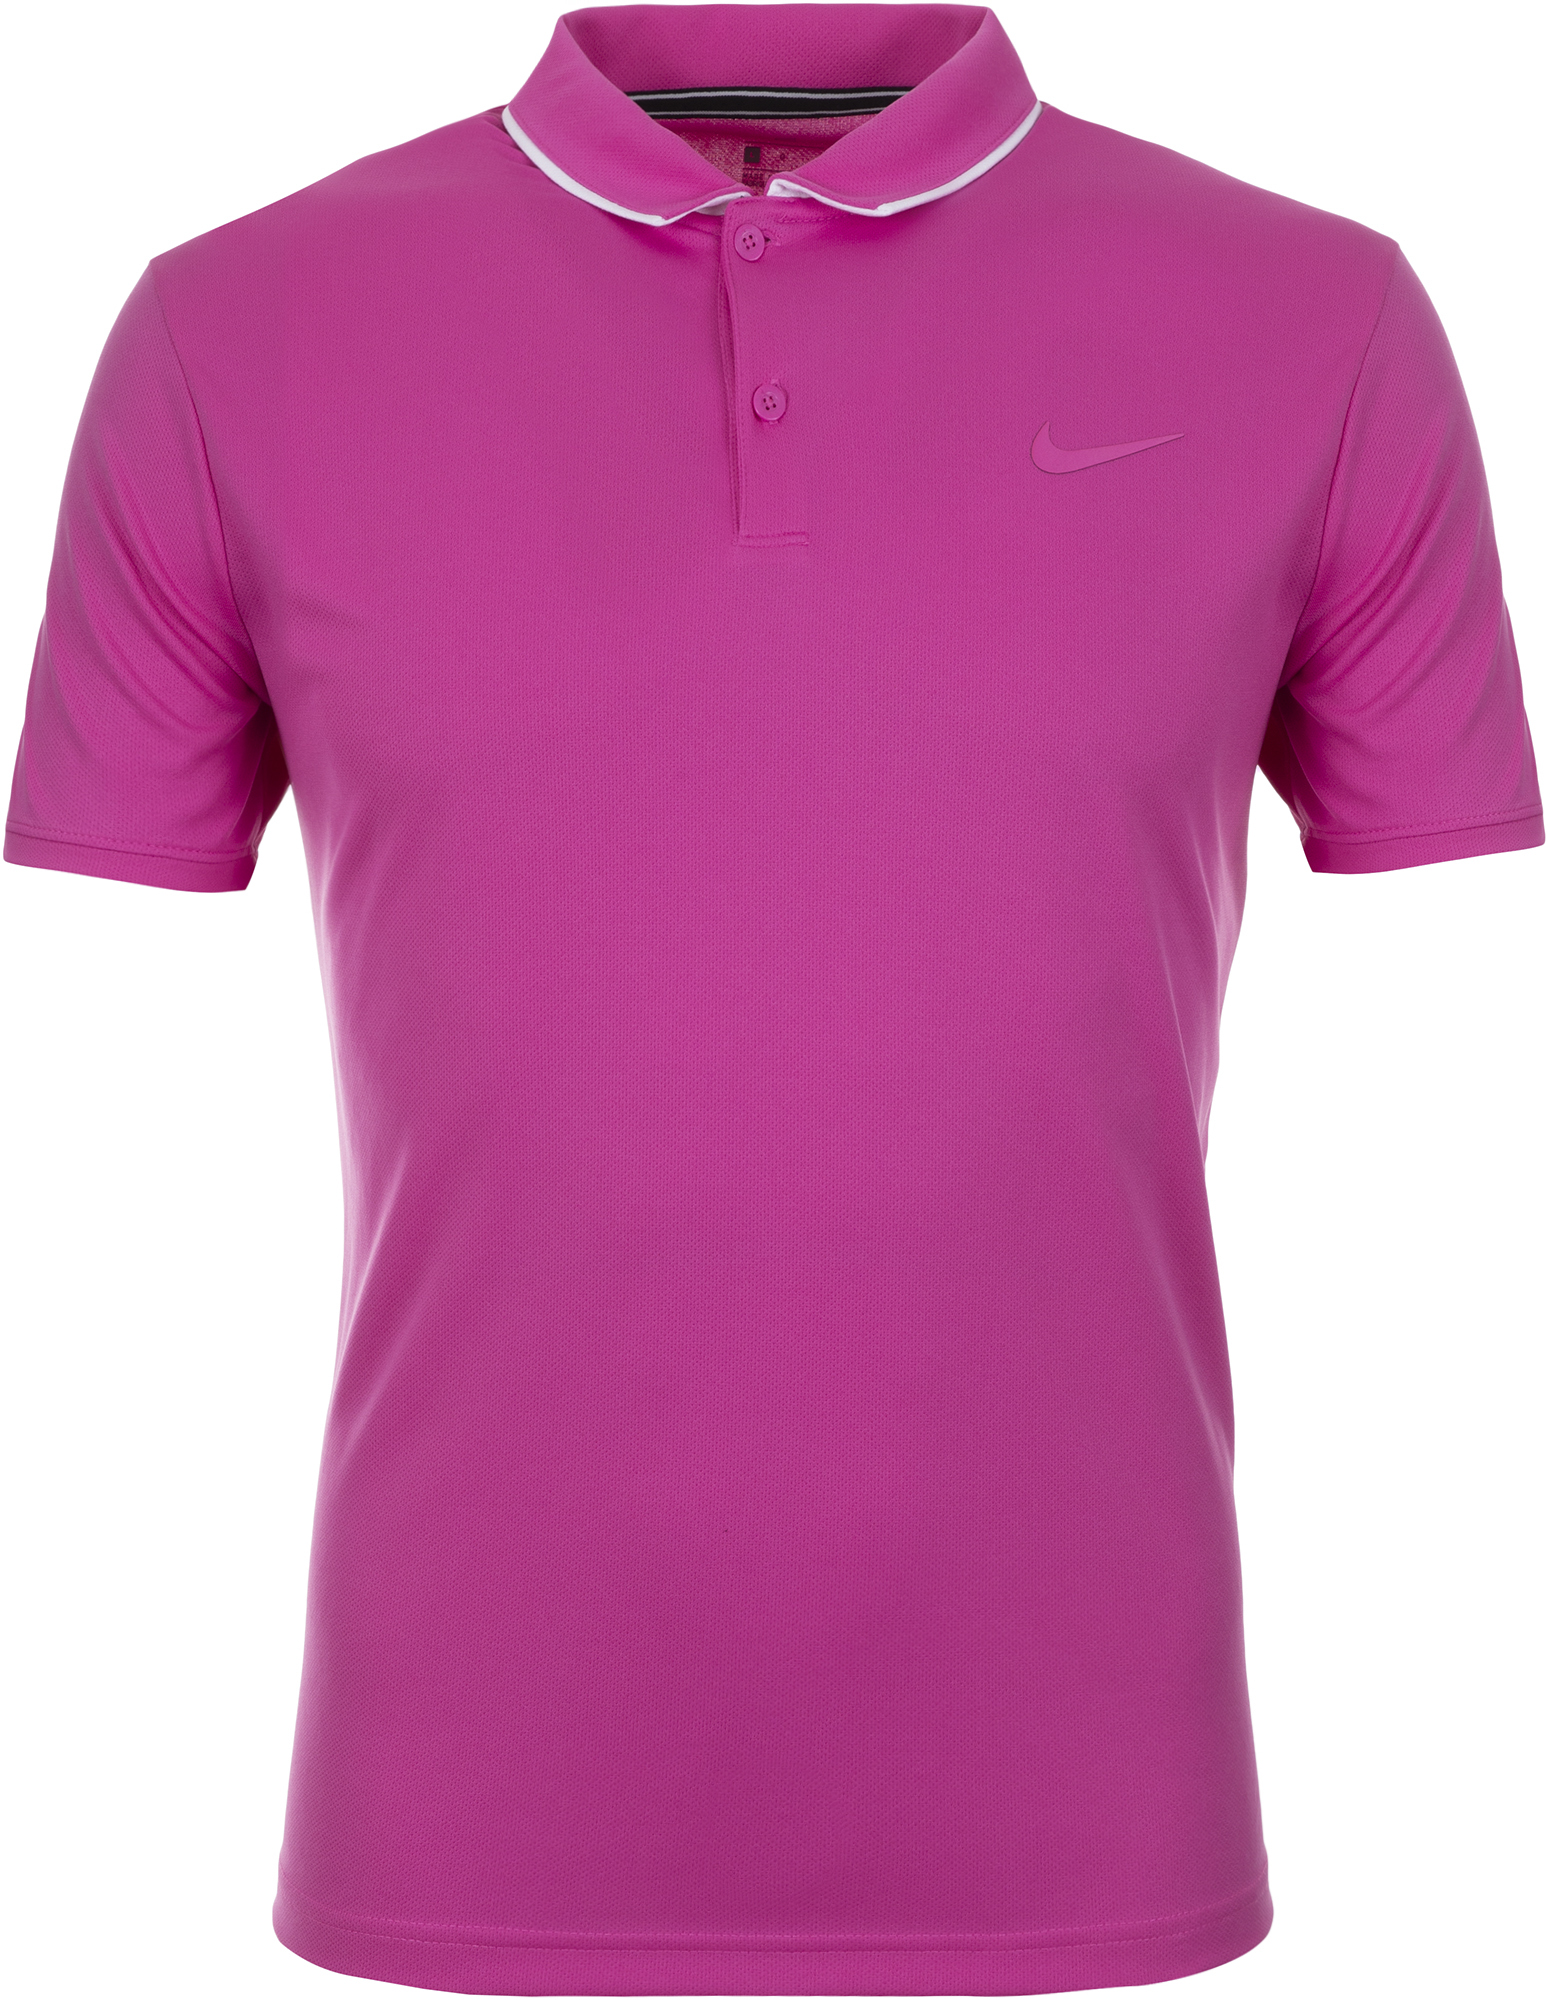 купить Nike Поло мужское Nike Dry, размер 46-48 дешево